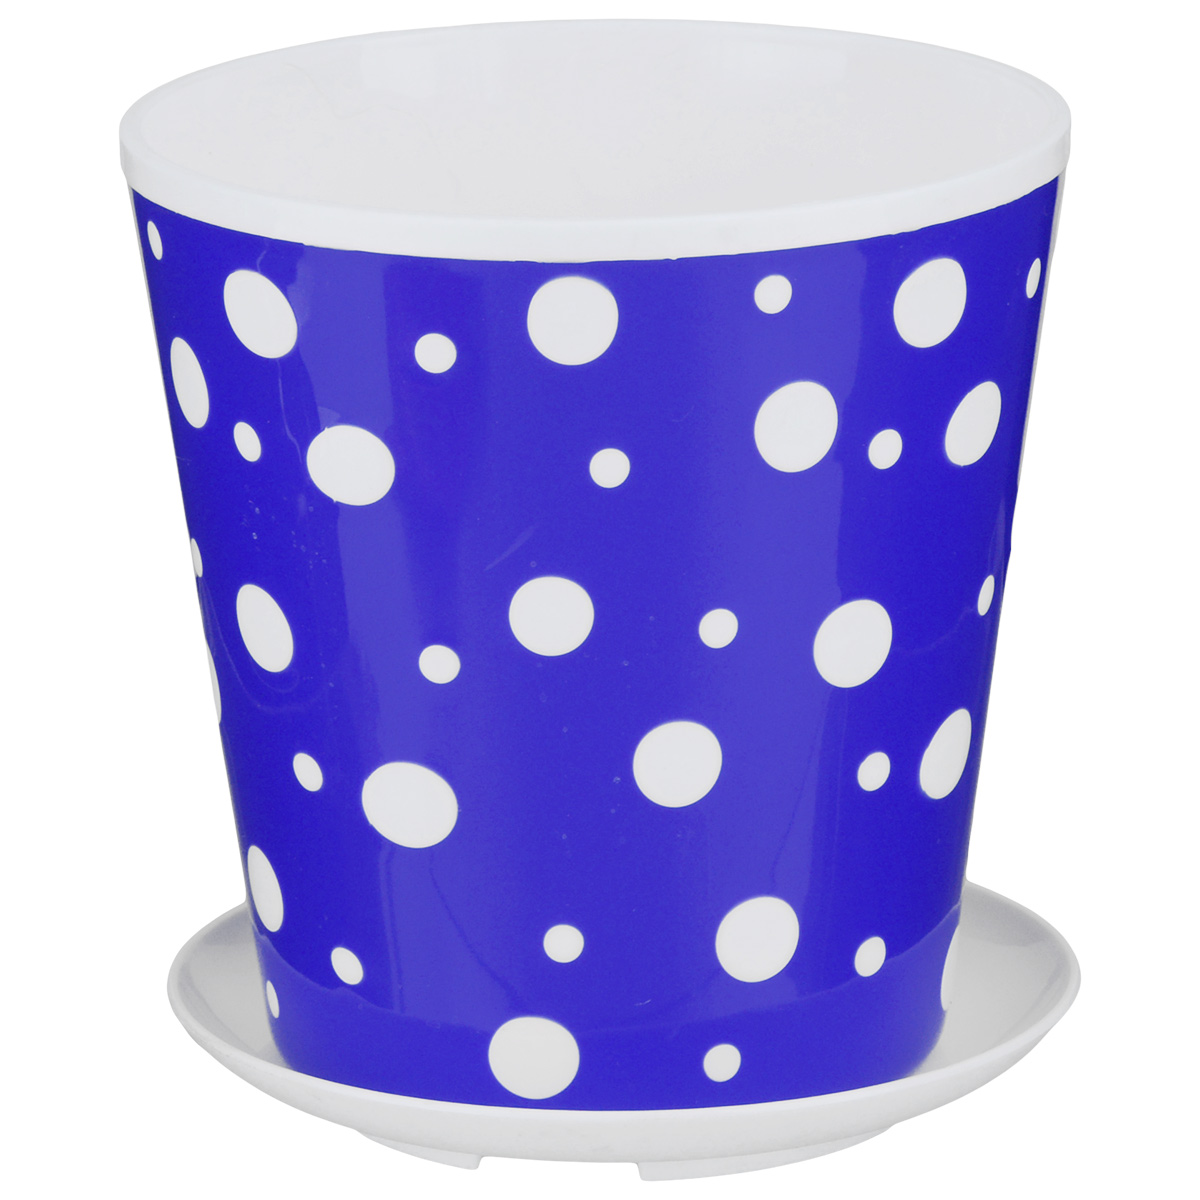 Горшок-кашпо Альтернатива Горошек, с подставкой, цвет: синий, белый, 1 лМ2728Горшок-кашпо Альтернатива Горошек изготовлен из высококачественного пластика и оснащен круглой подставкой. Изделие подходит для выращивания растений и цветов в домашних условиях. Стильный яркий принт в горошек сделает такой горшок прекрасным дополнением интерьера. Объем горшка: 1 л. Диаметр горшка (по верхнему краю): 12 см. Высота горшка: 13 см. Диаметр подставки: 12 см.